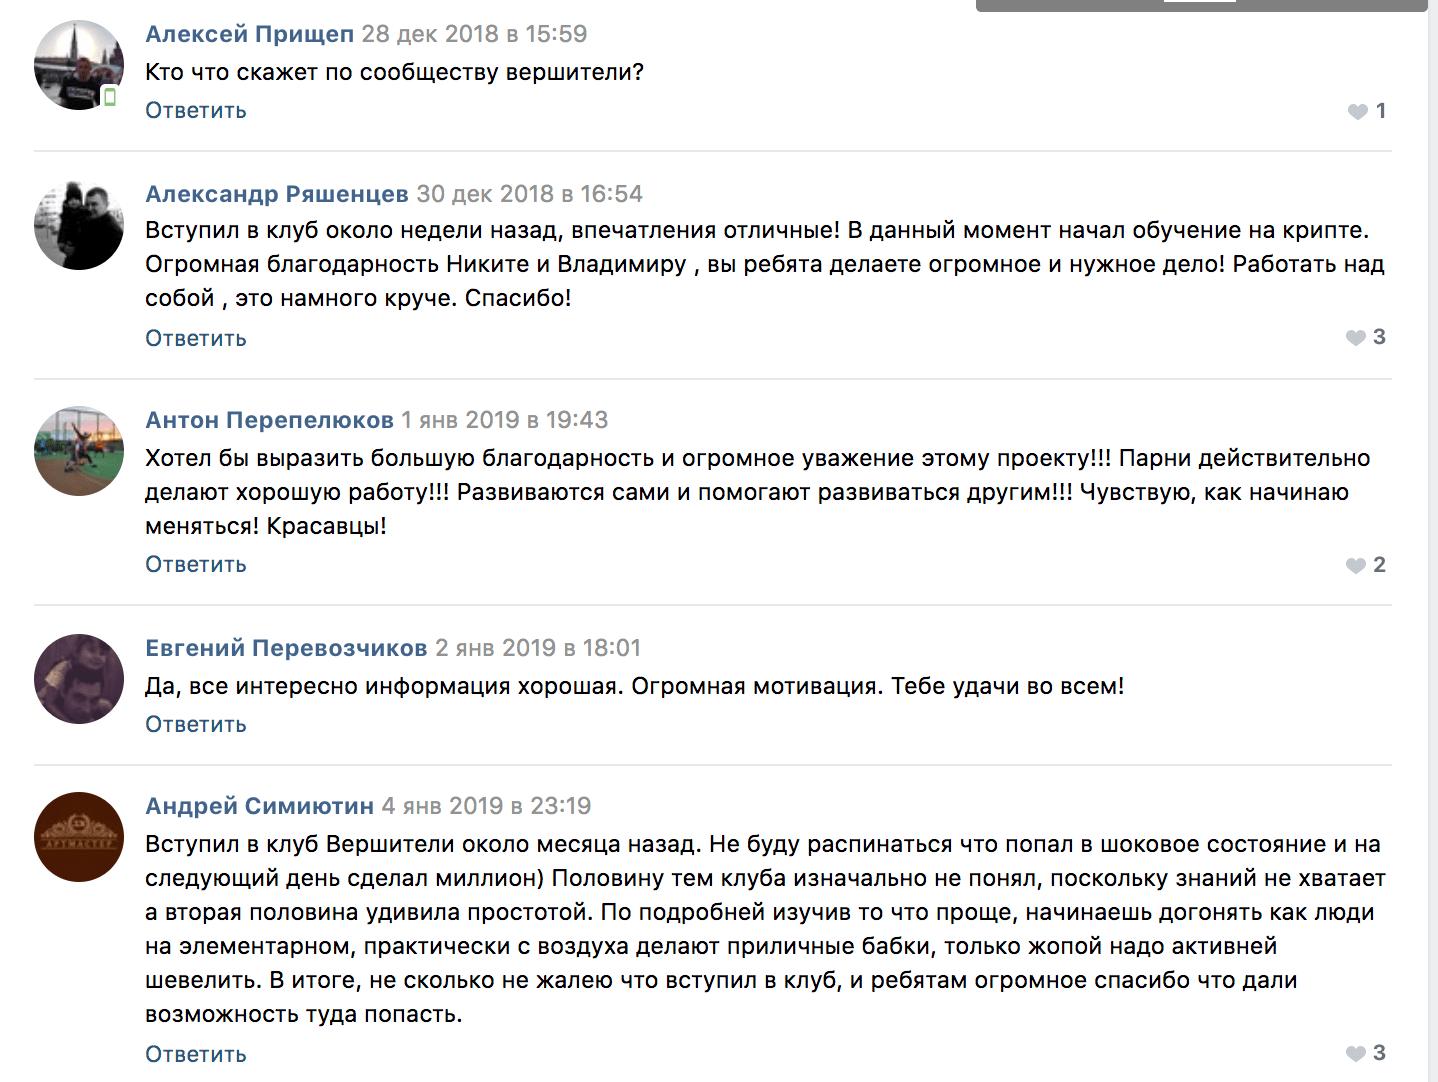 Владимир Фридман отзывы